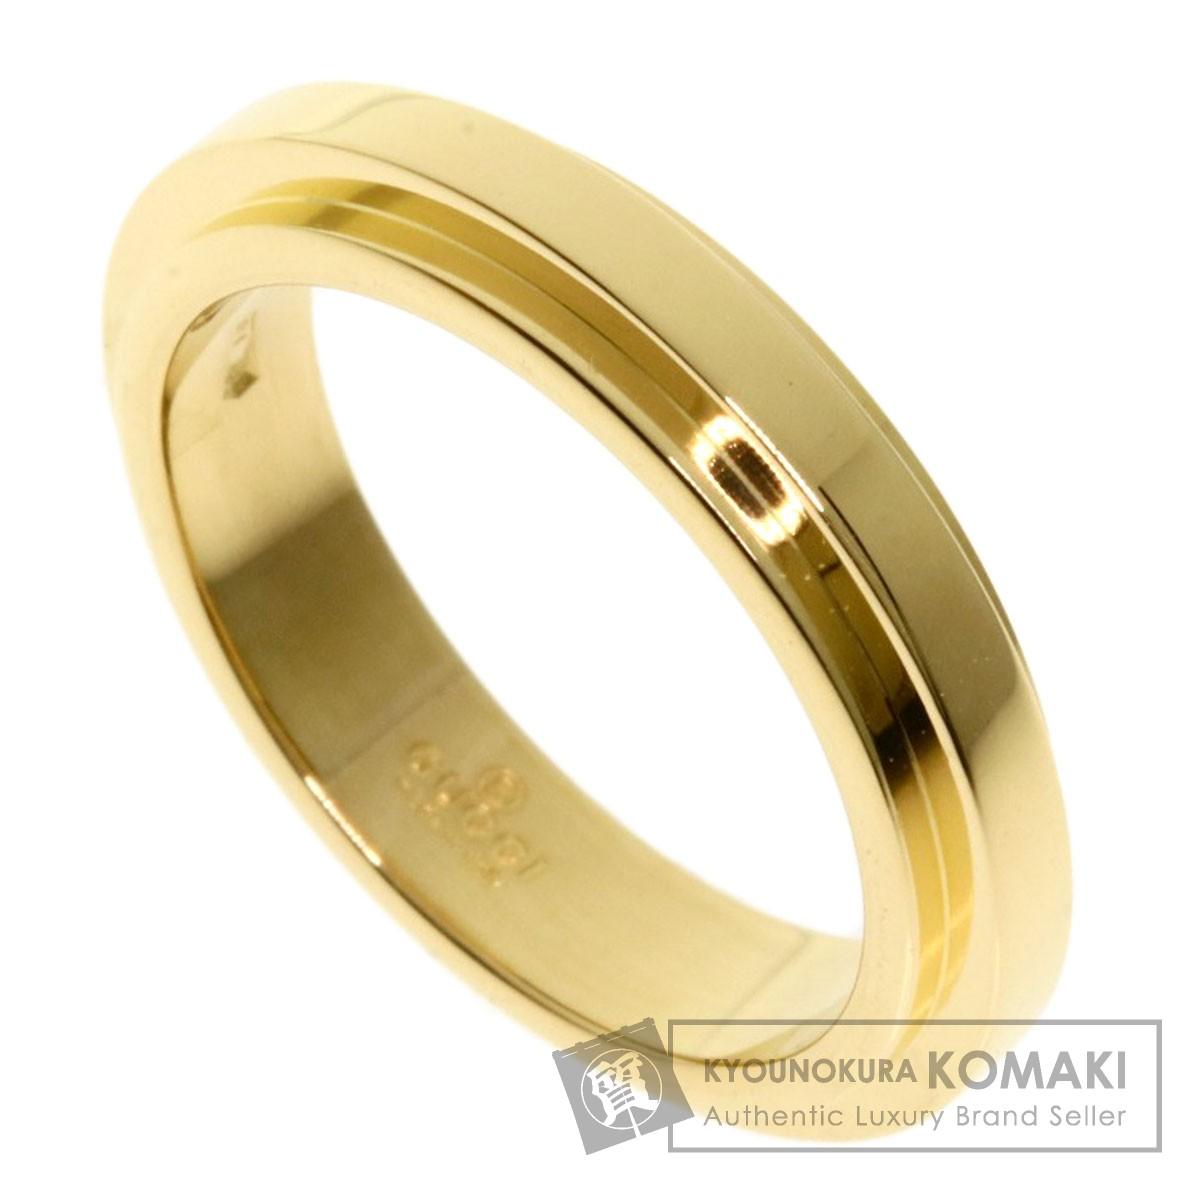 グッチ デザインリング リング・指輪 K18イエローゴールド レディース 【中古】【GUCCI】